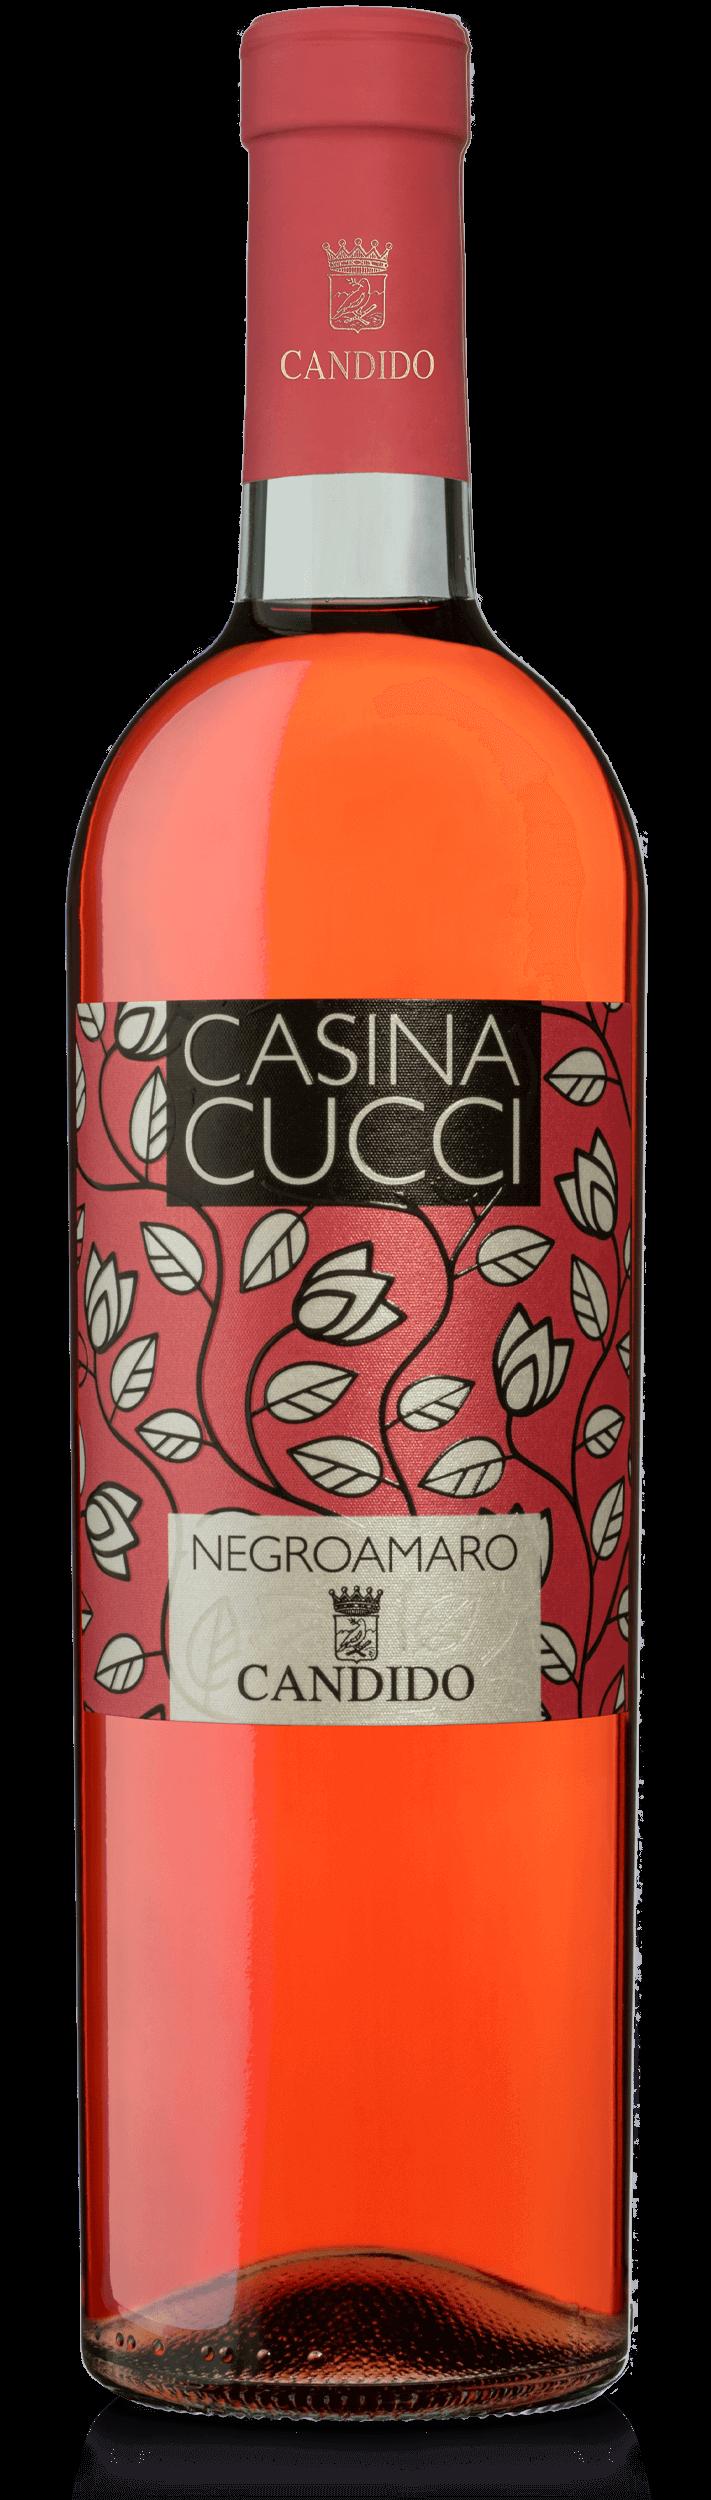 Candido casina cucci migliori vini rosati del salento